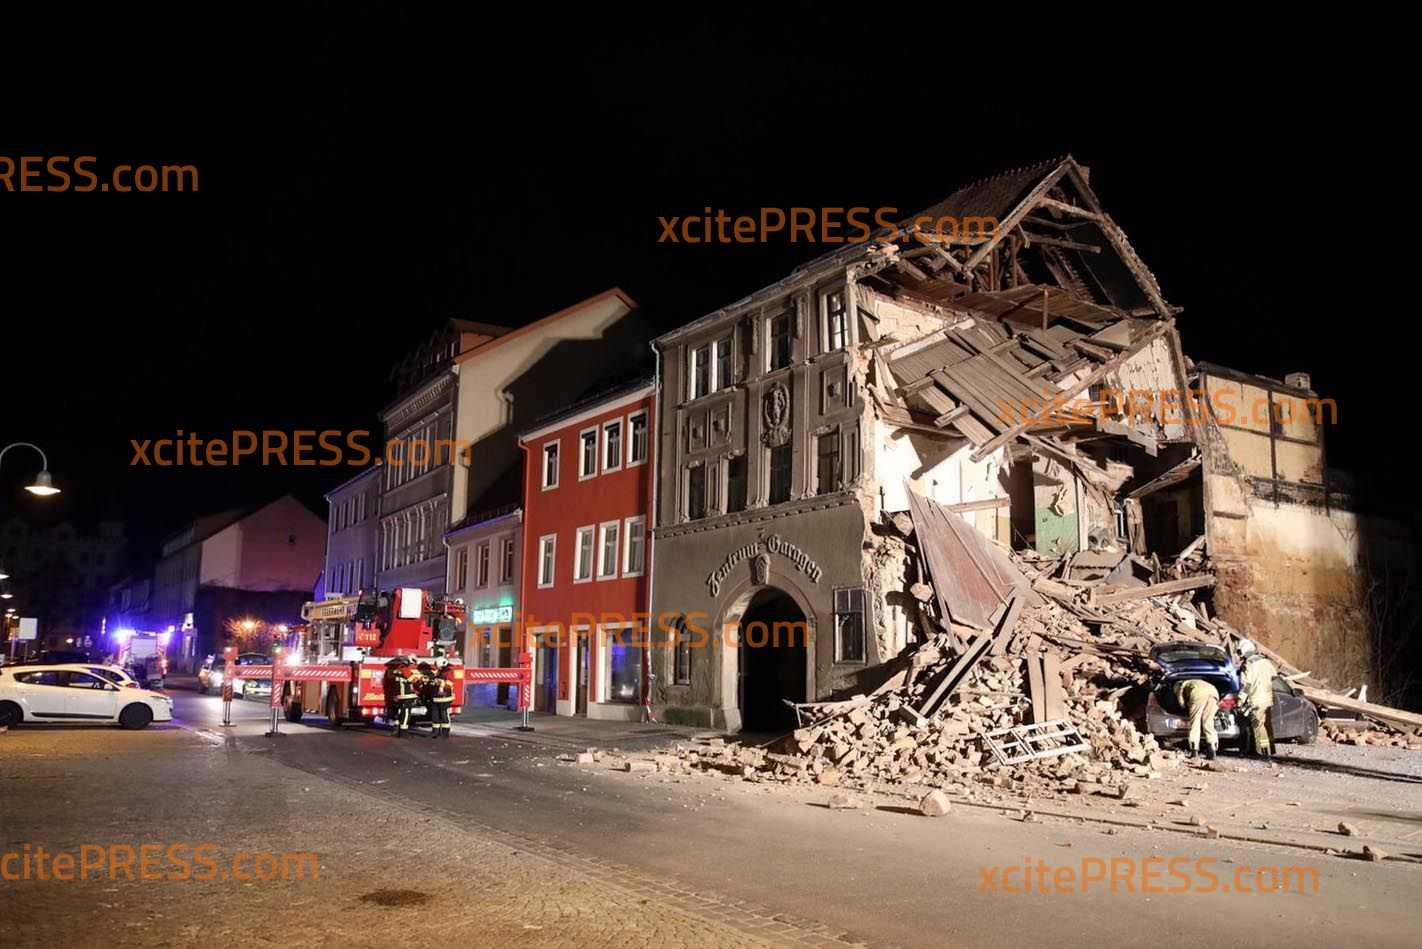 Leerstehendes Haus in sich zusammengekracht - Parkendes Fahrzeug völlig demoliert: Feuerwehr und Technisches Hilfswerk im Einsatz